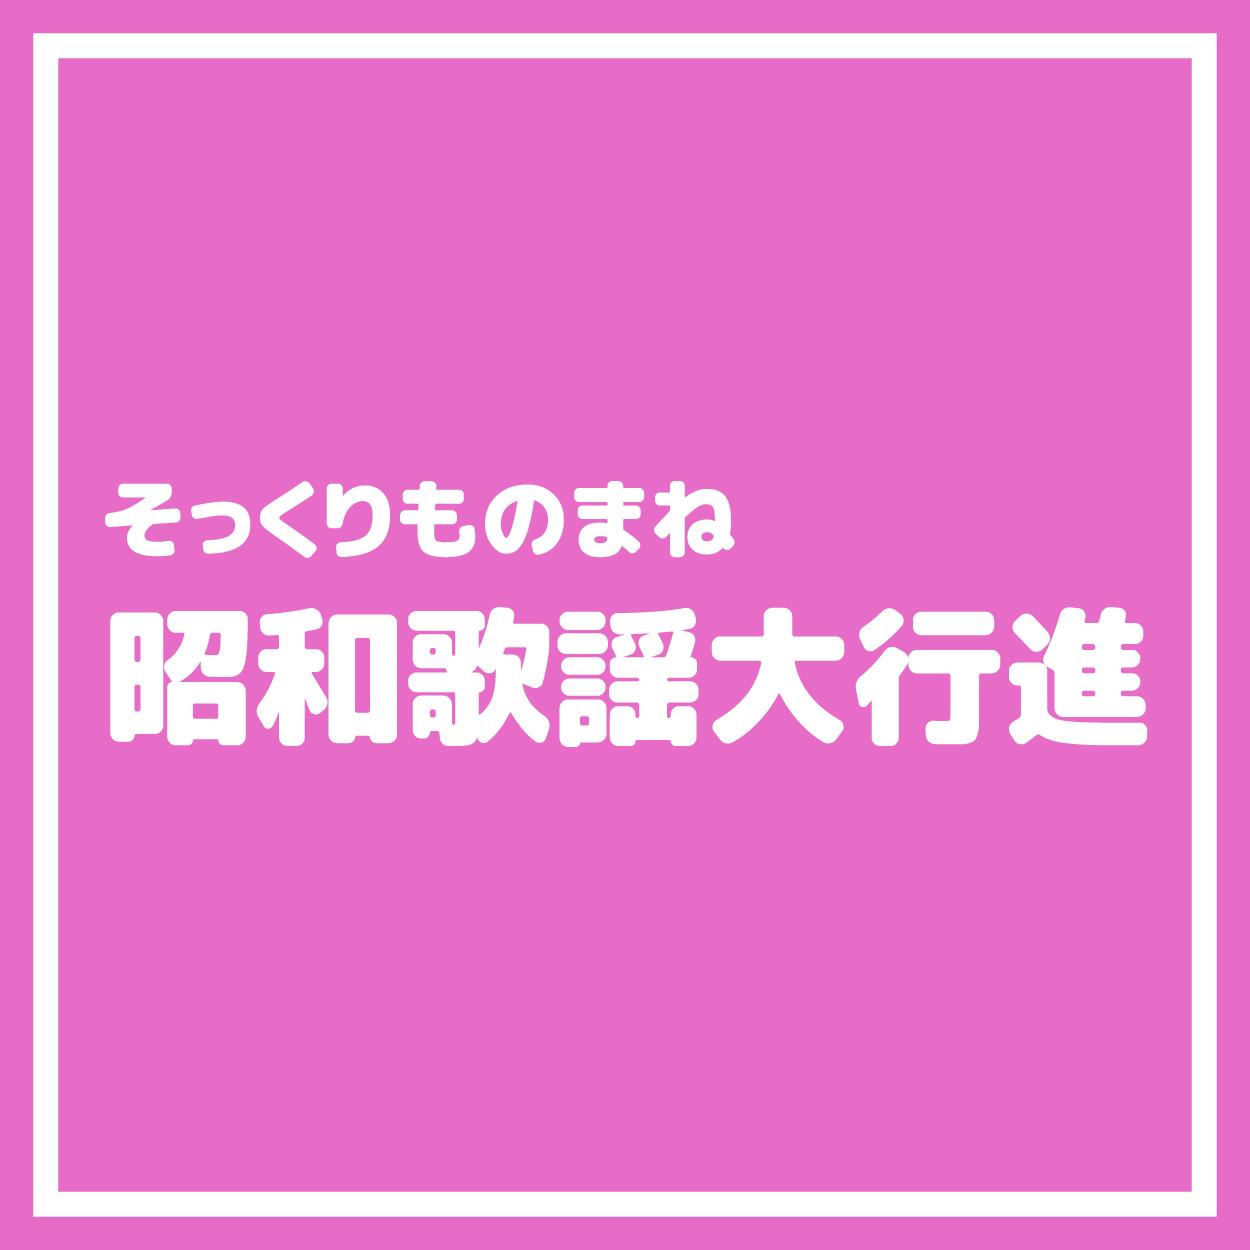 ものまね!昭和歌謡大行進